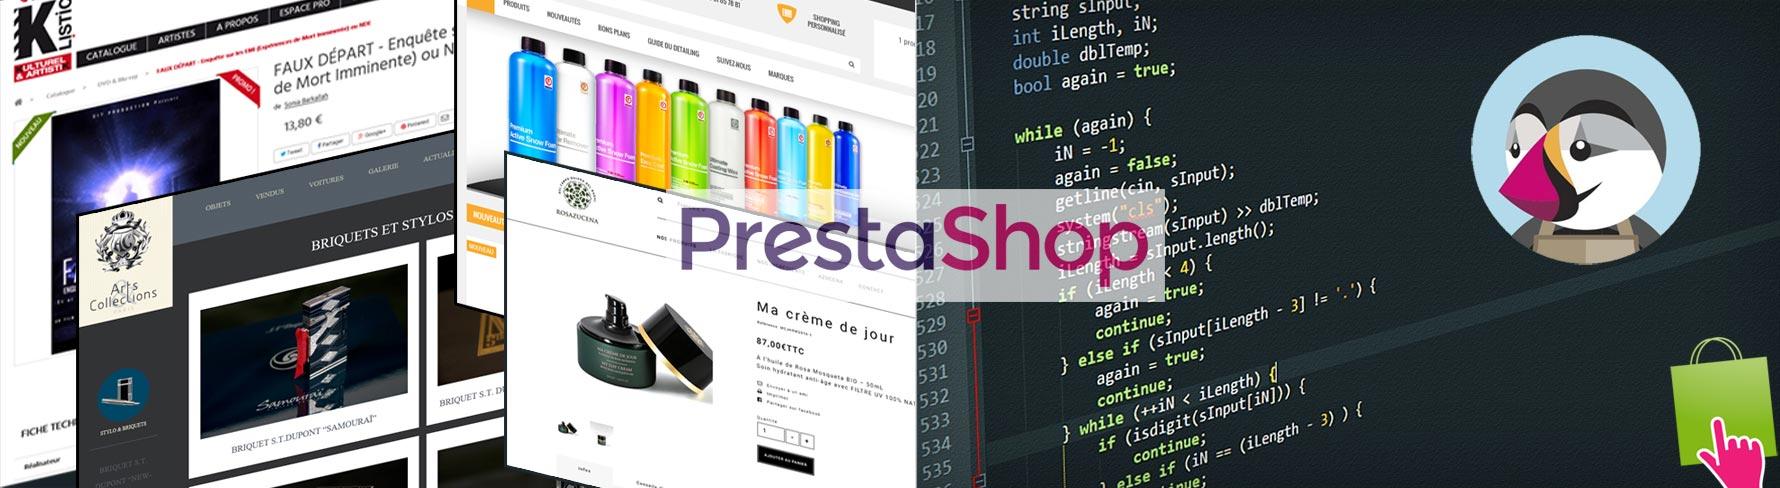 Photo pour illustrer : Tutoriels Prestashop - solutions e-commerce